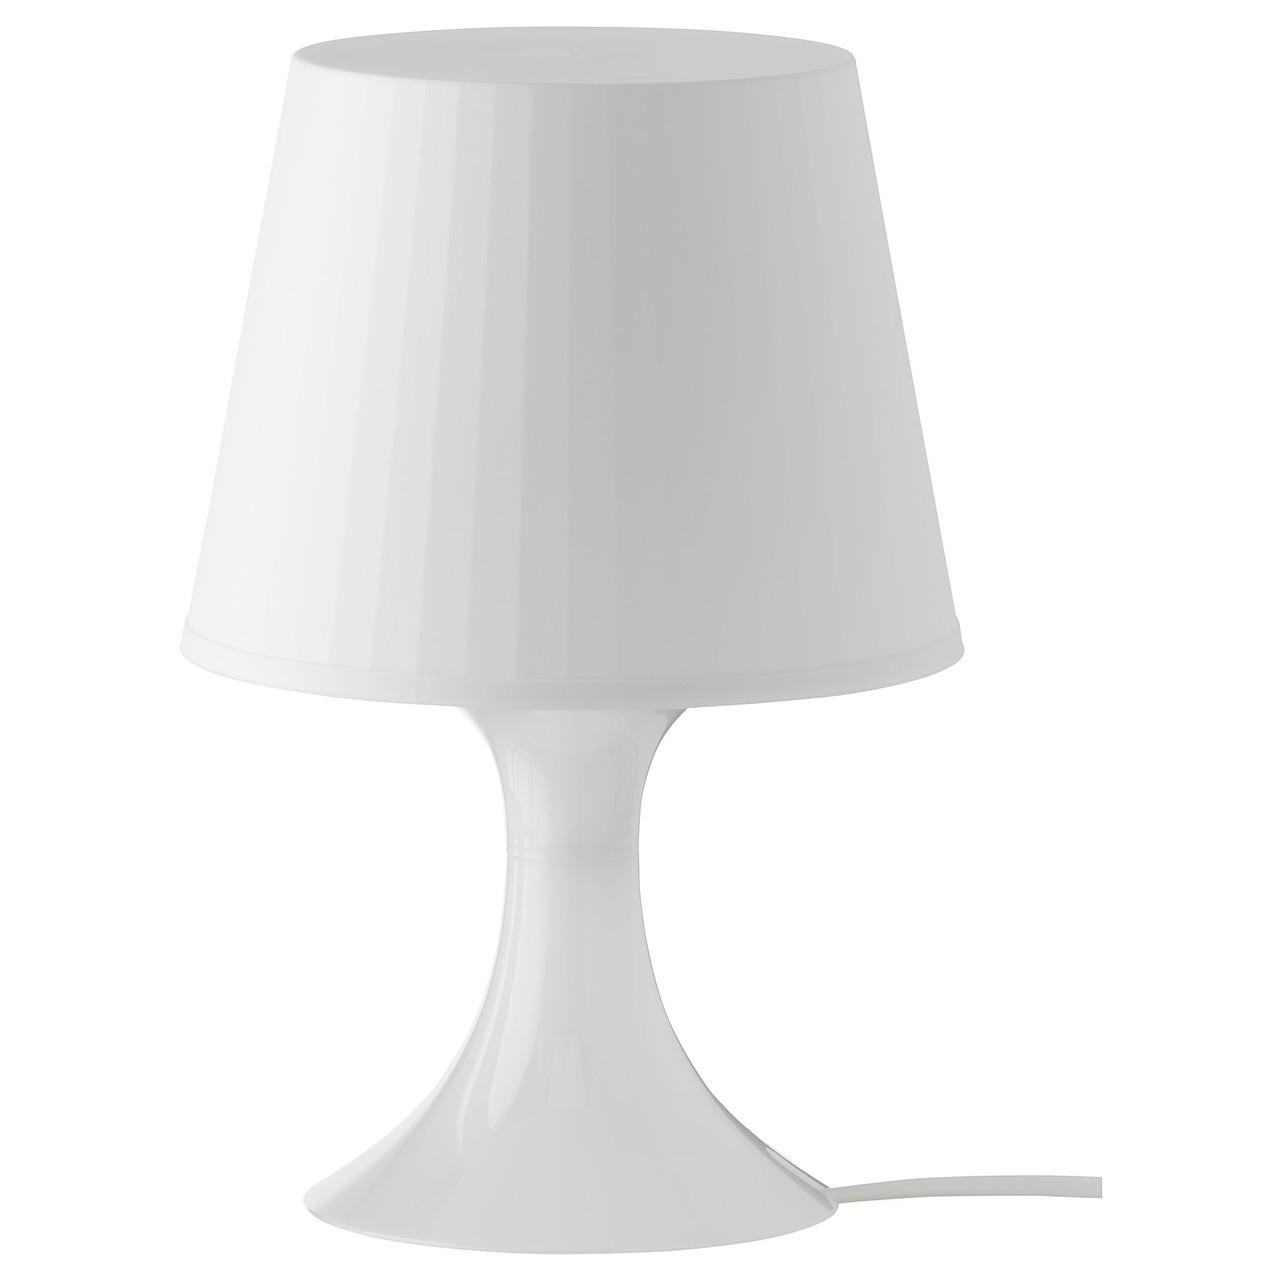 Настільна лампа IKEA LAMPAN 29 см біла 200.469.88